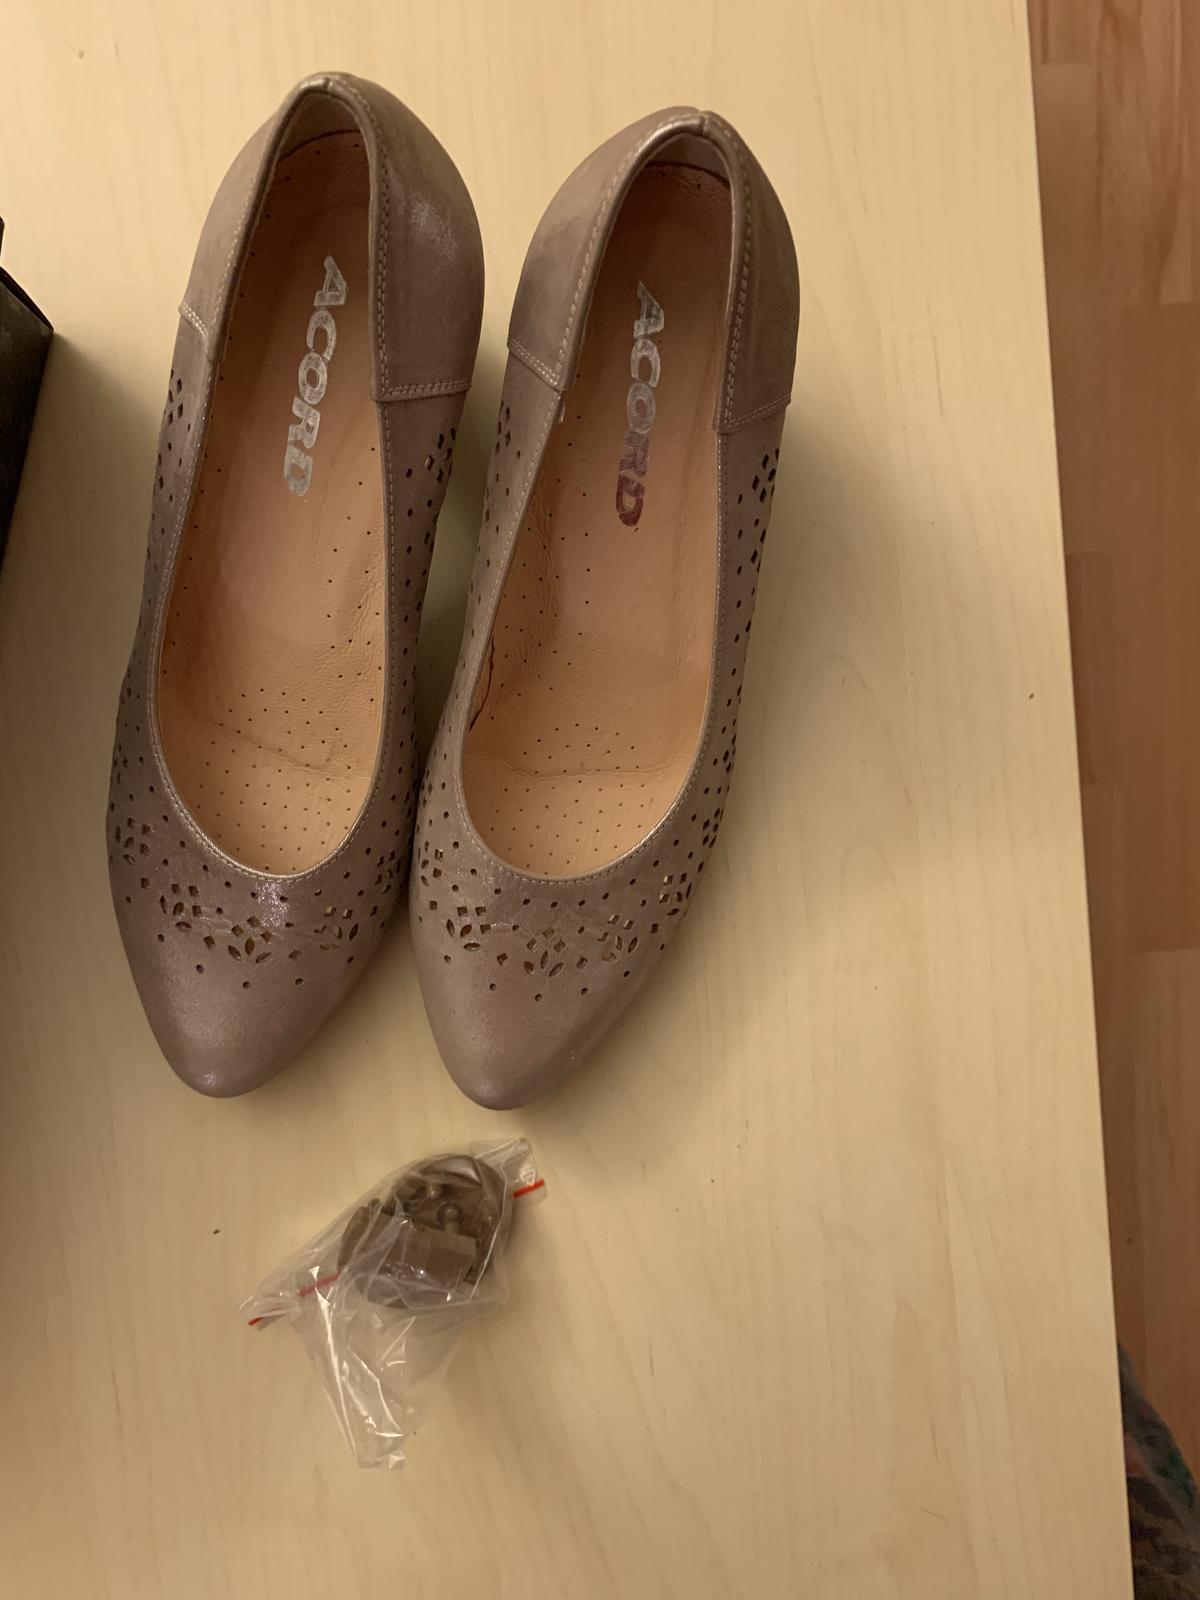 Svatební boty - Obrázek č. 3